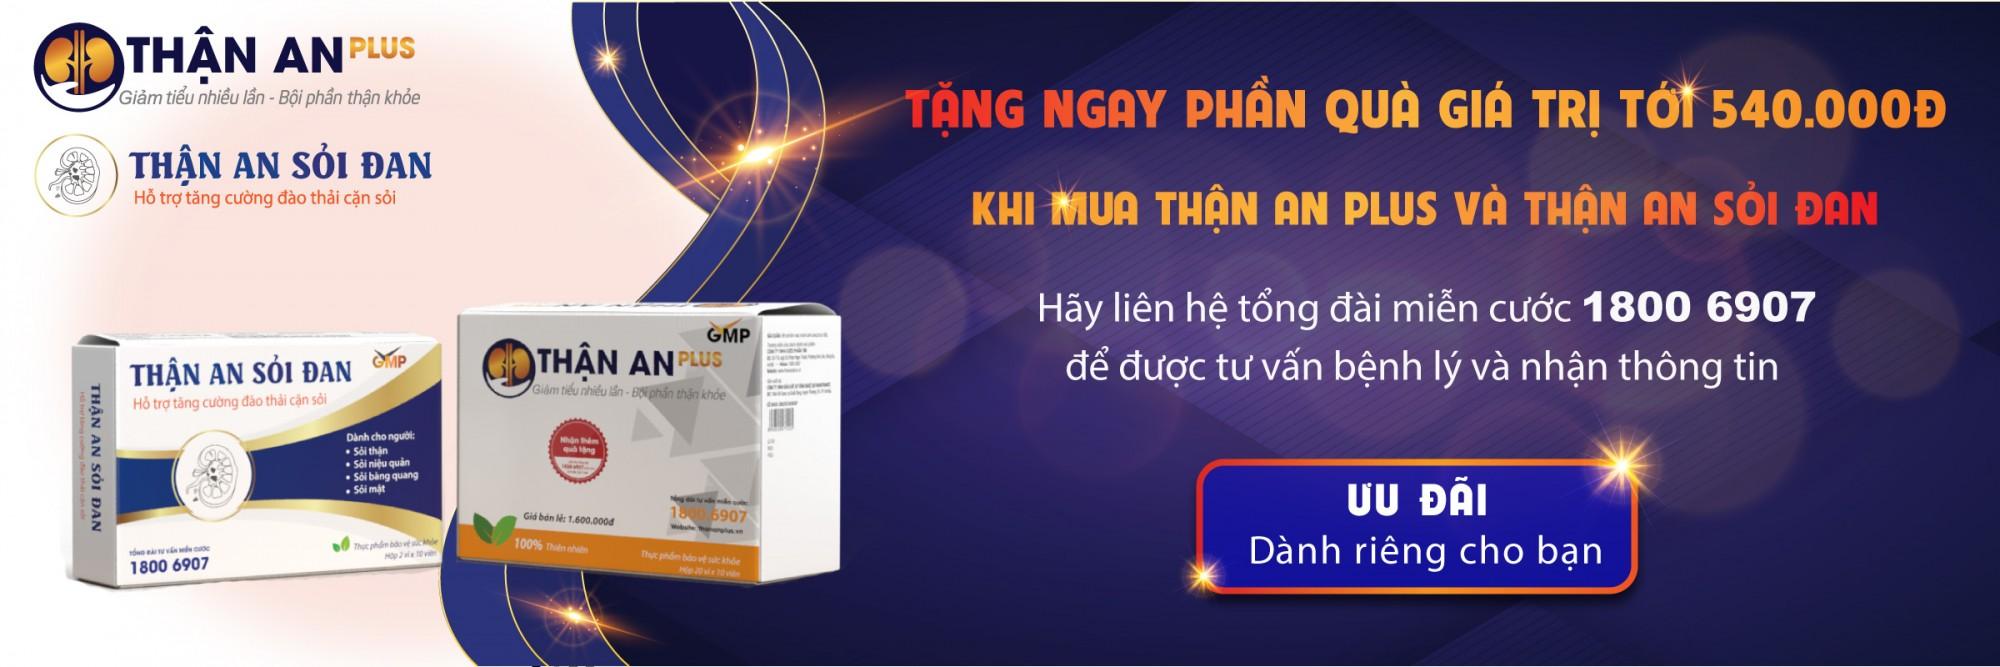 Chân Trang